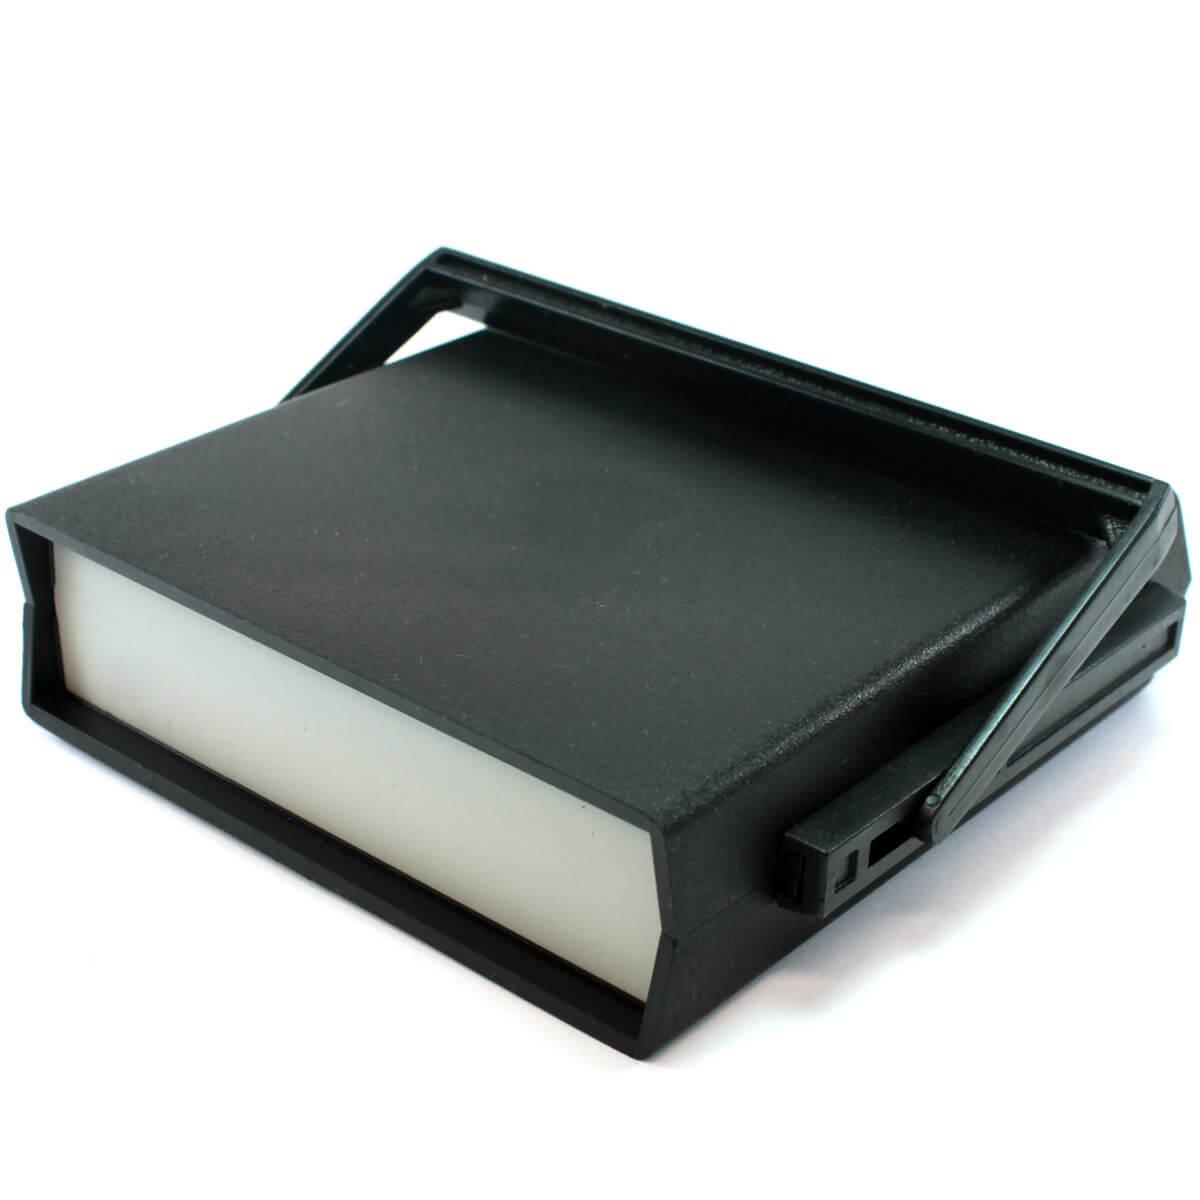 Caixa Patola PB-205